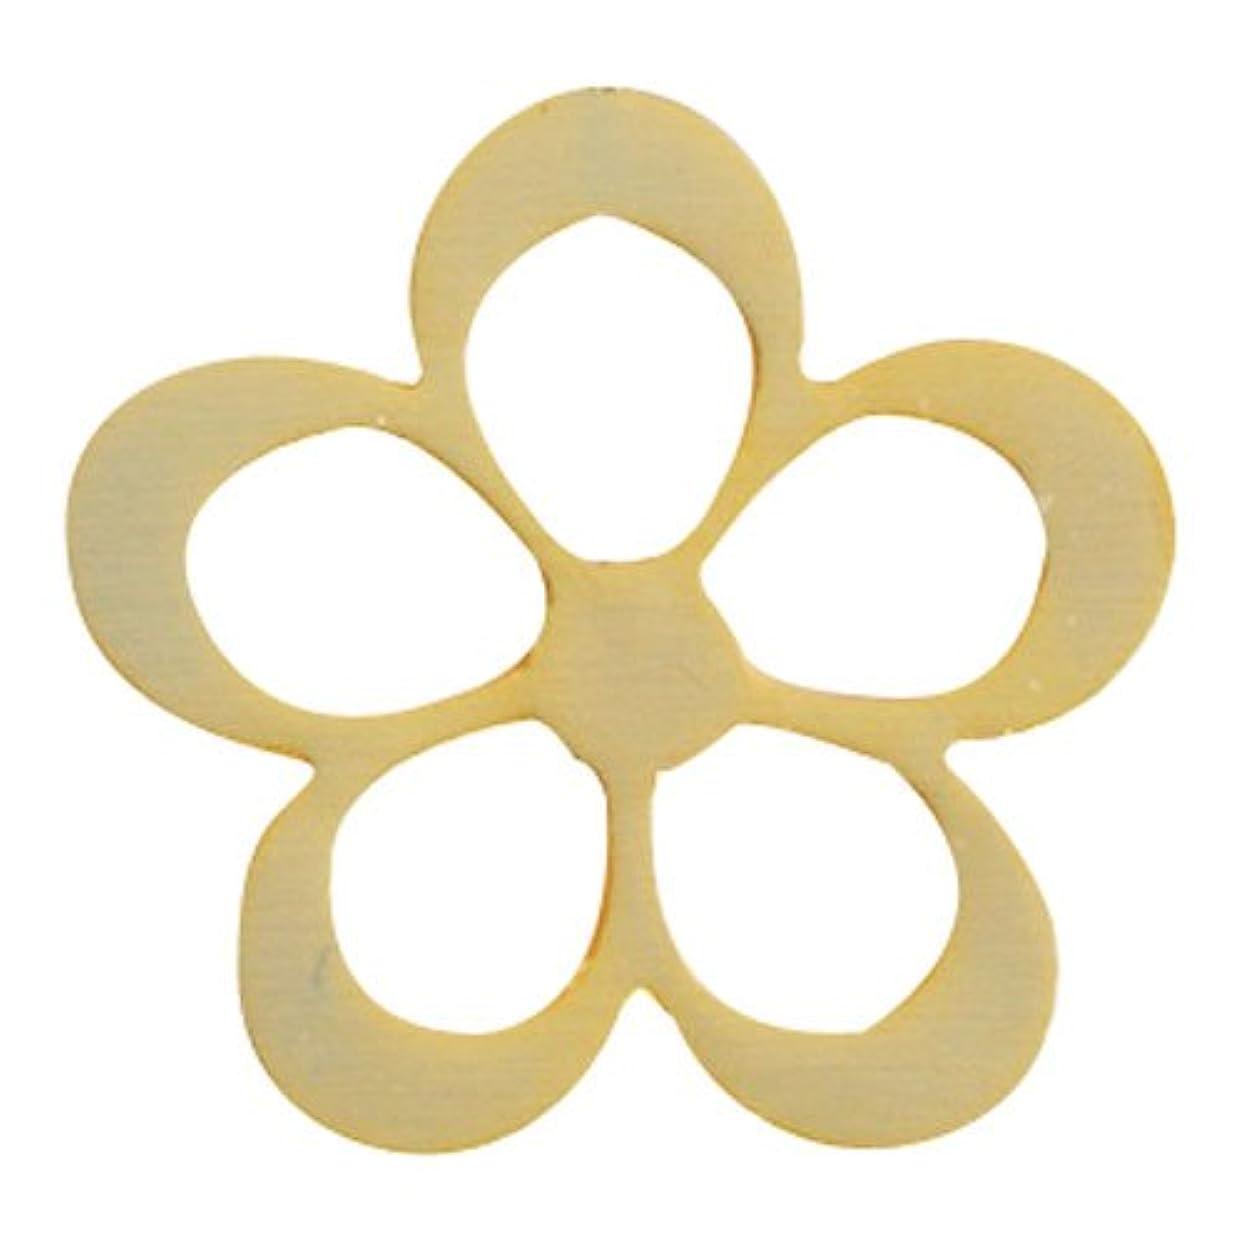 趣味腐食するシネウィリトルプリティー ネイルアートパーツ シャイニーフラワー L ゴールド 10個